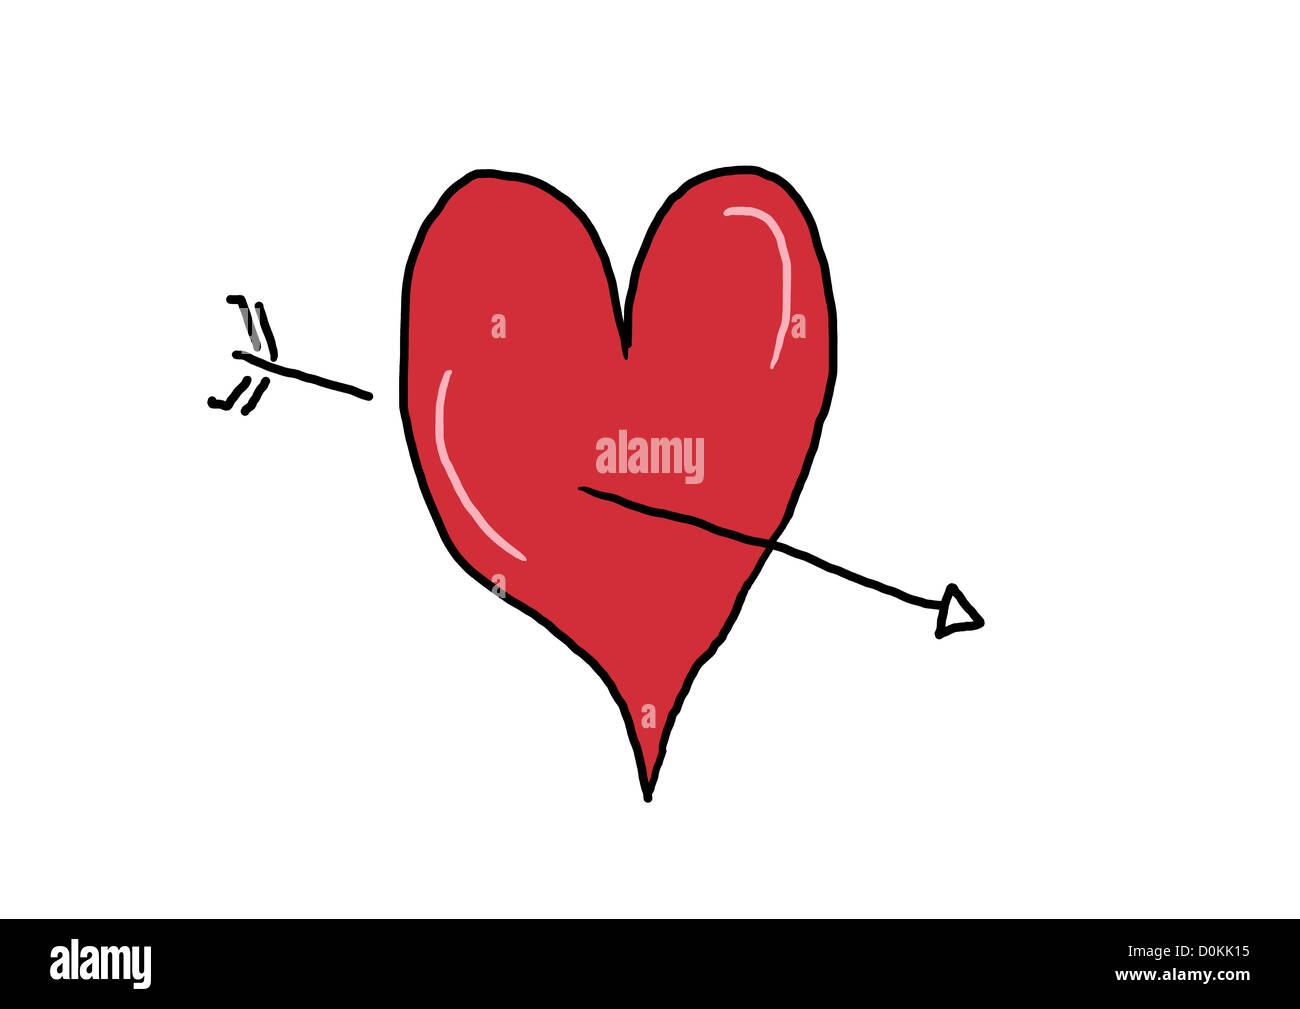 Trovare lanima gemella è sempre più difficile e se frecce di Cupido nellaria proprio non se ne vedono esiste il dating: uno dei metodi 2.0 più.